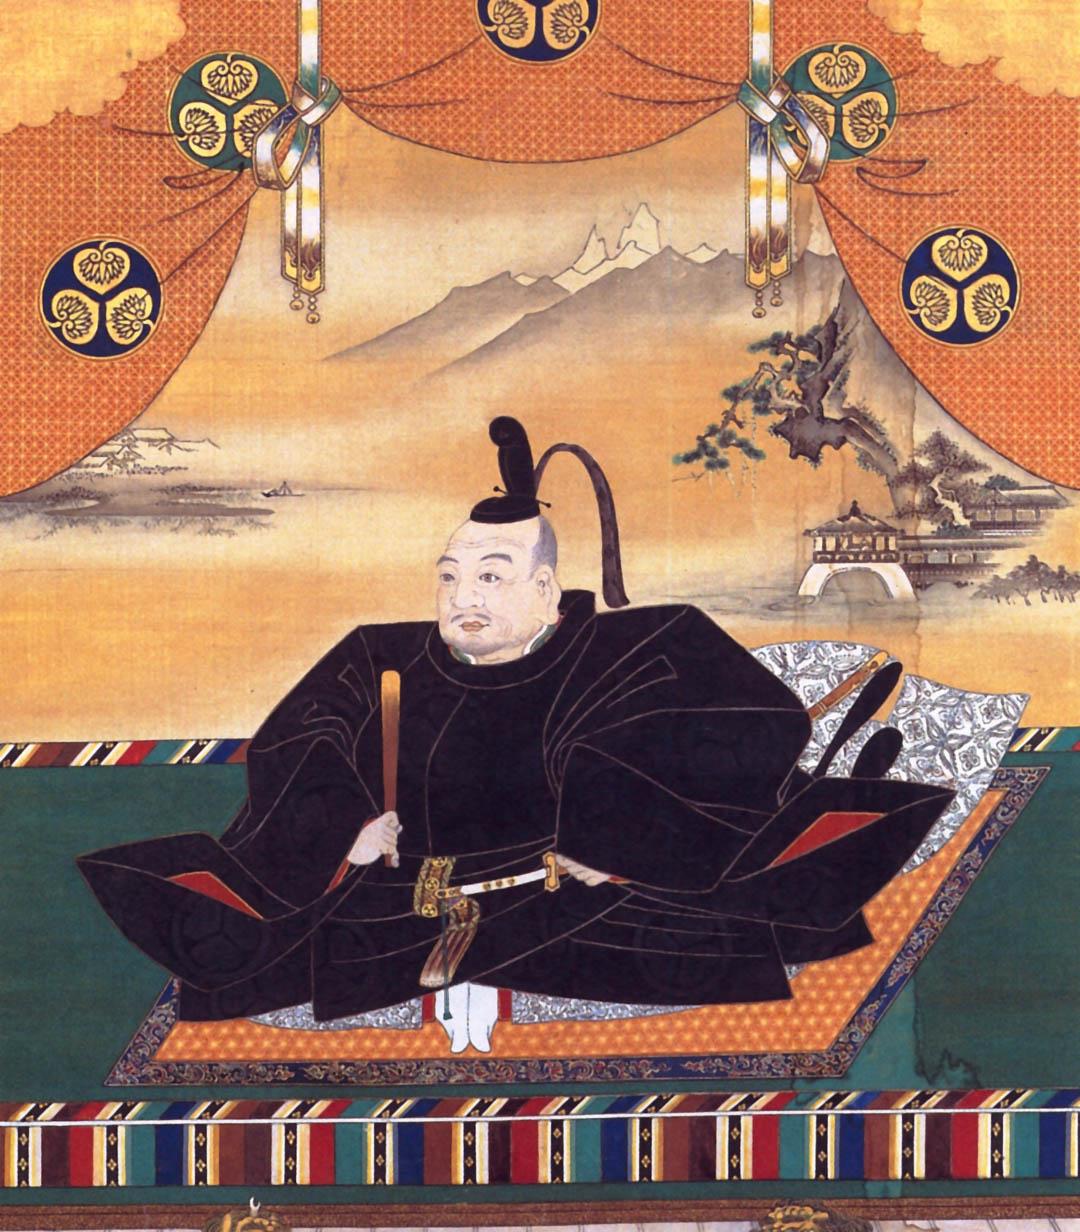 徳川家康像(狩野探幽画)